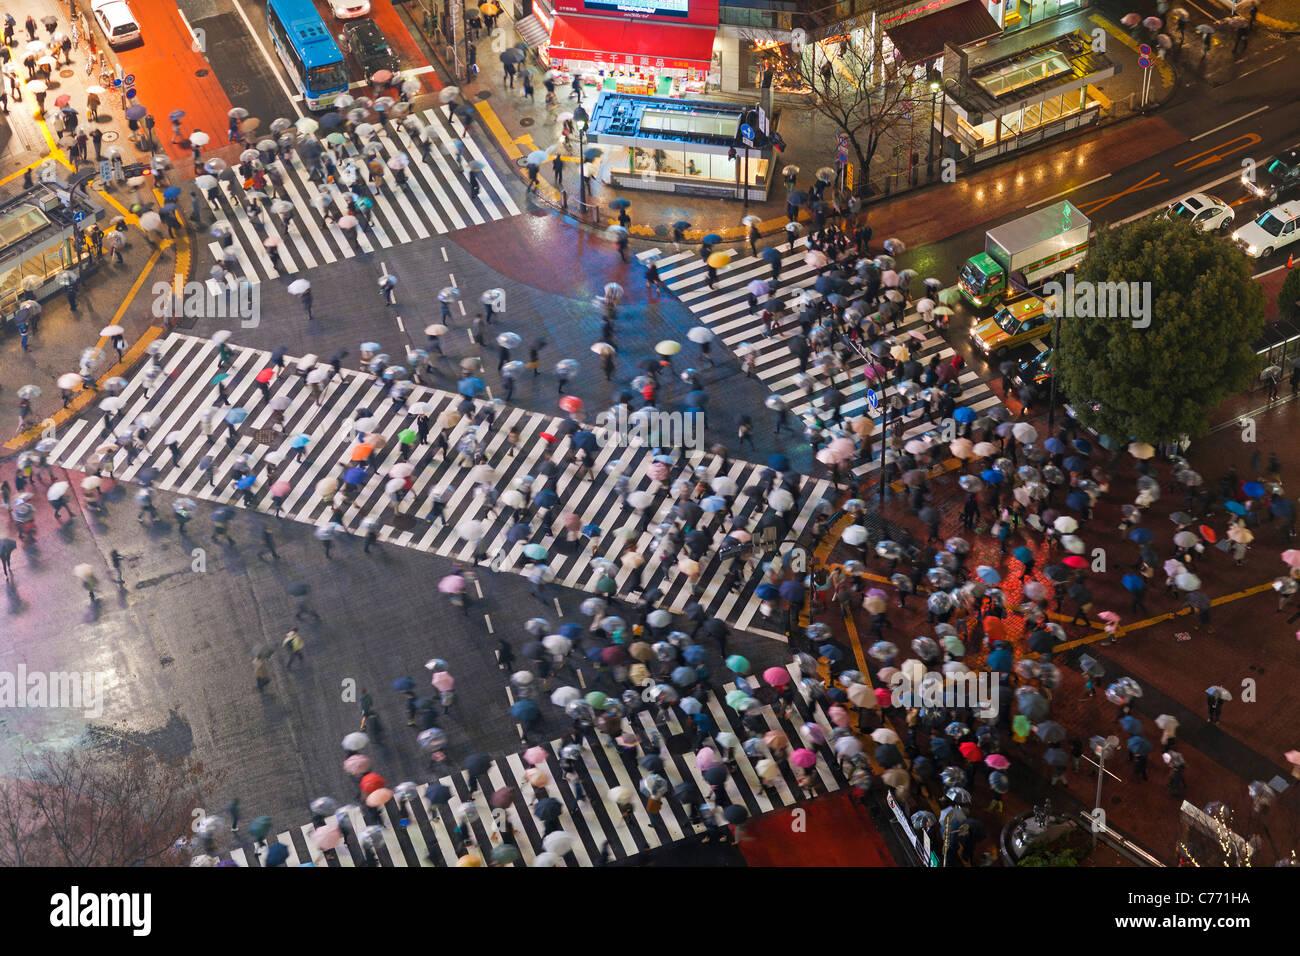 Asien, Japan, Tokio, Shibuya, Kreuzung Shibuya - Massen von Menschen, die die berühmten Zebrastreifen im Zentrum Stockbild